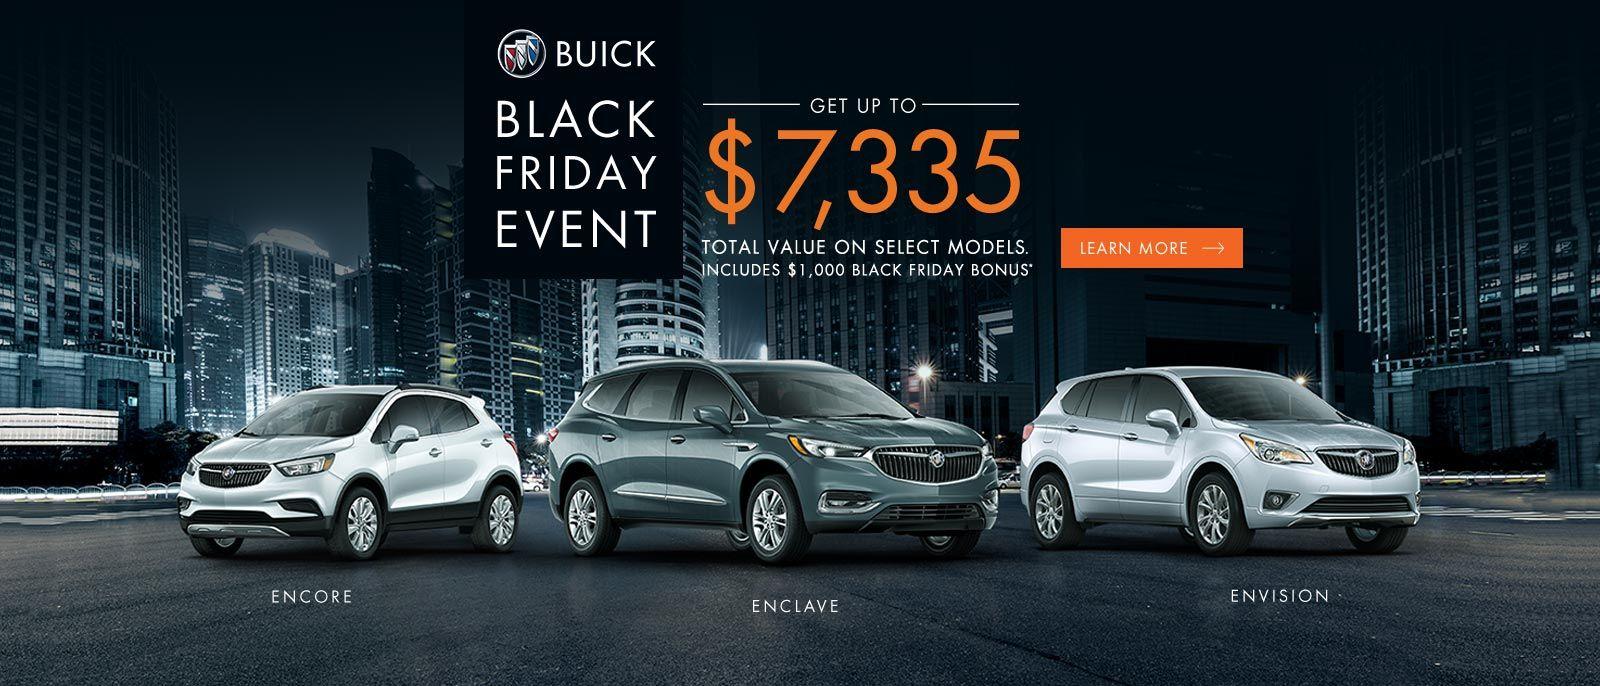 Black Friday Event 2018 Buick Encore Enclave Envision VanDusen Ajax 1600x868